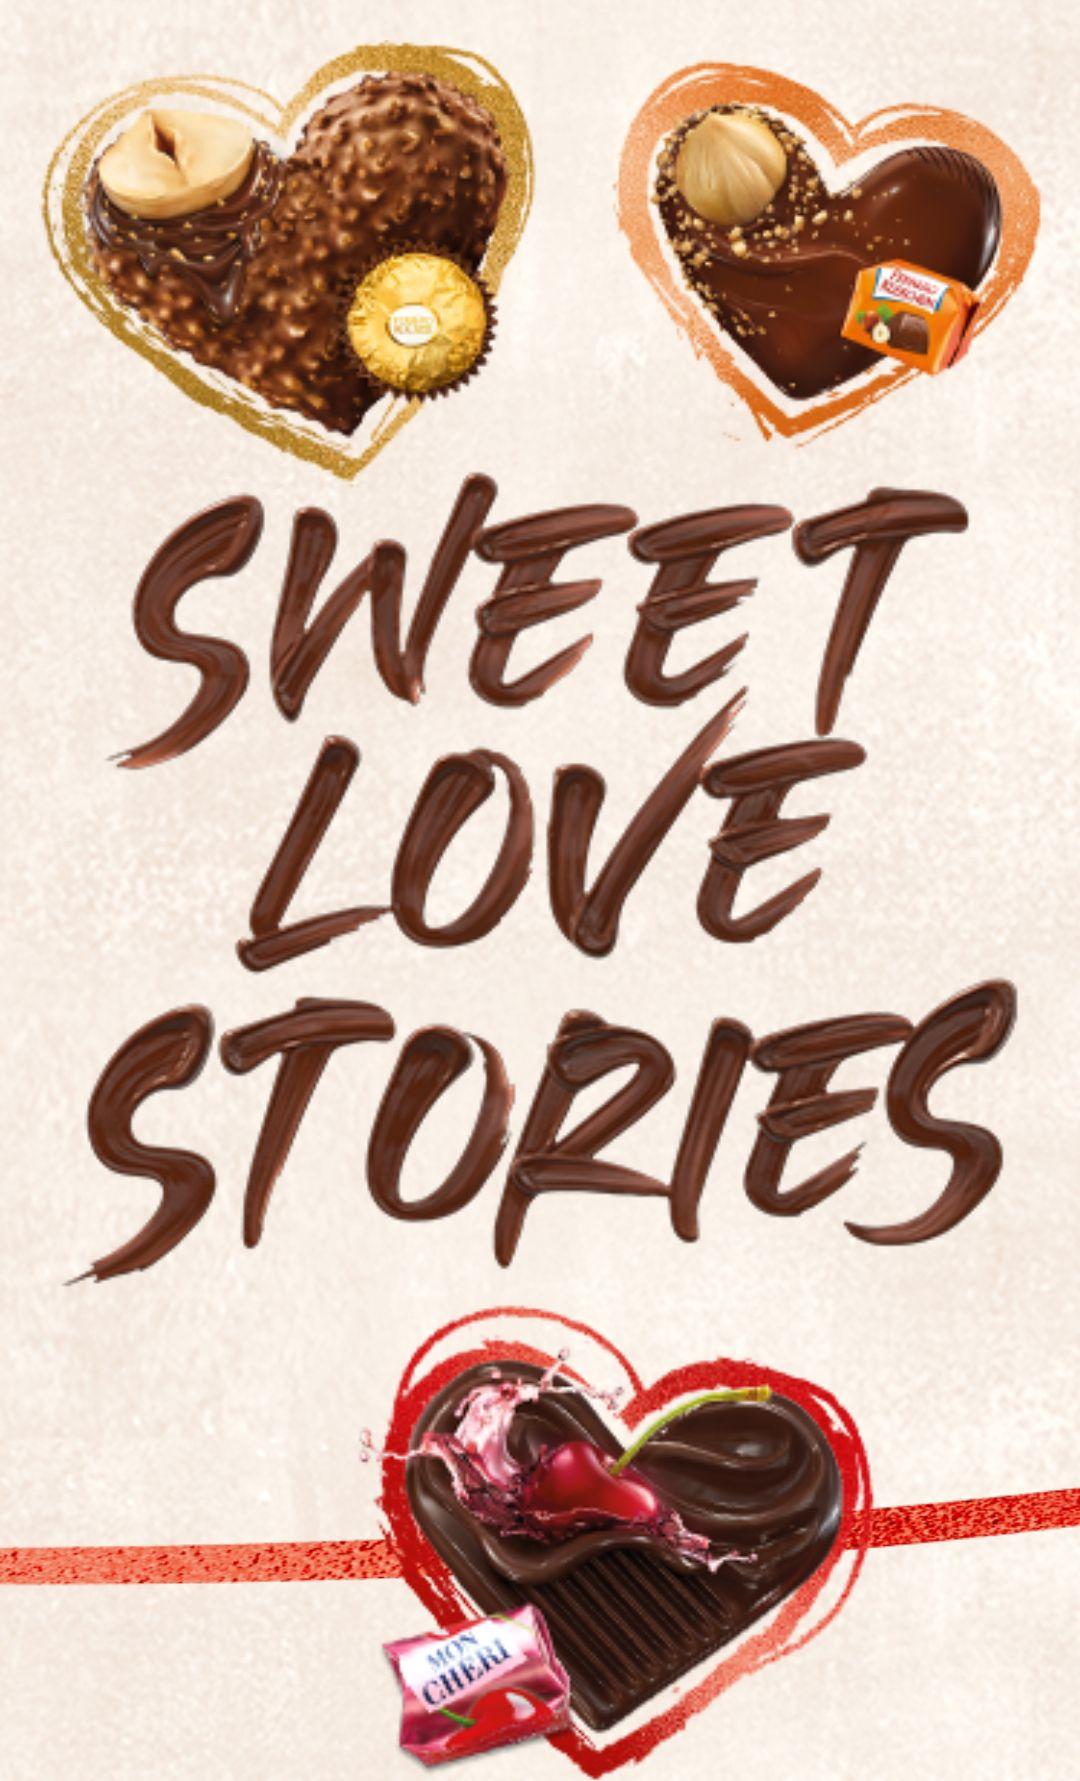 [Ferrero] sweet love stories / 2 Ferrero Produkte kaufen und Prämie im Markendesign sichern